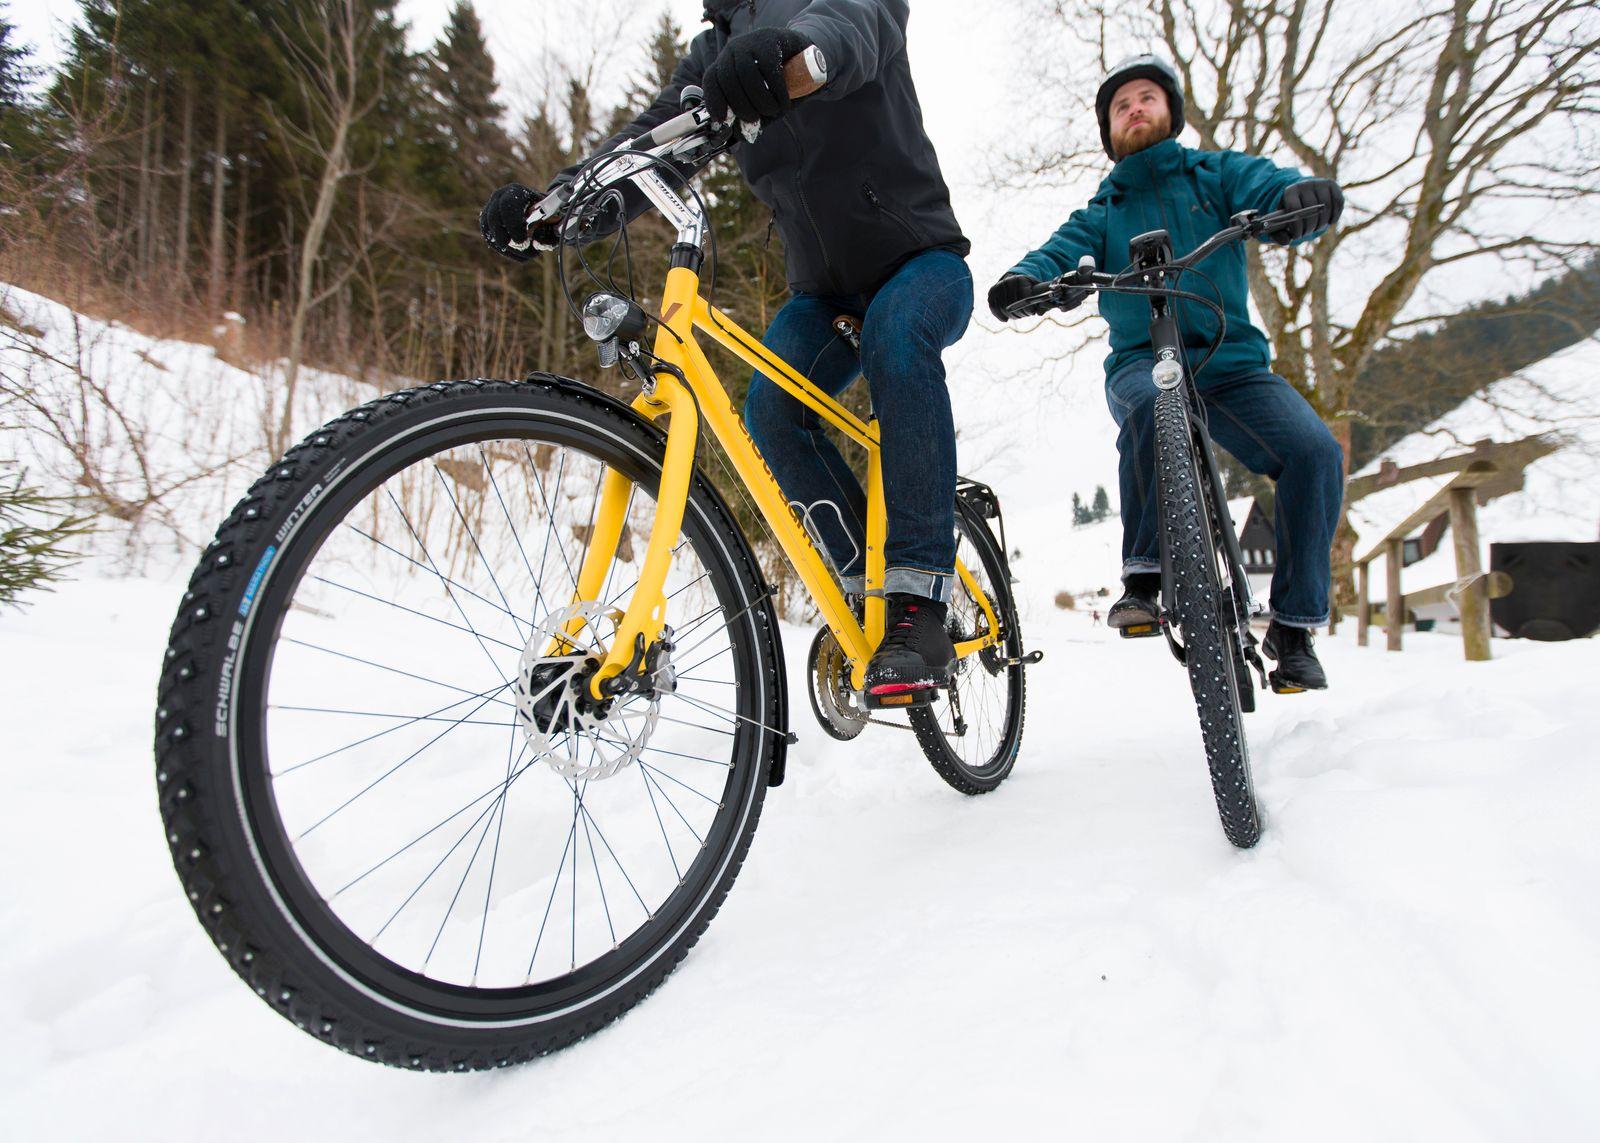 Bloß nicht den Halt verlieren. Eine Grundregeln beim Radfahren bei Schnee und Eis: In Kurven möglichst nicht bremsen oder treten.